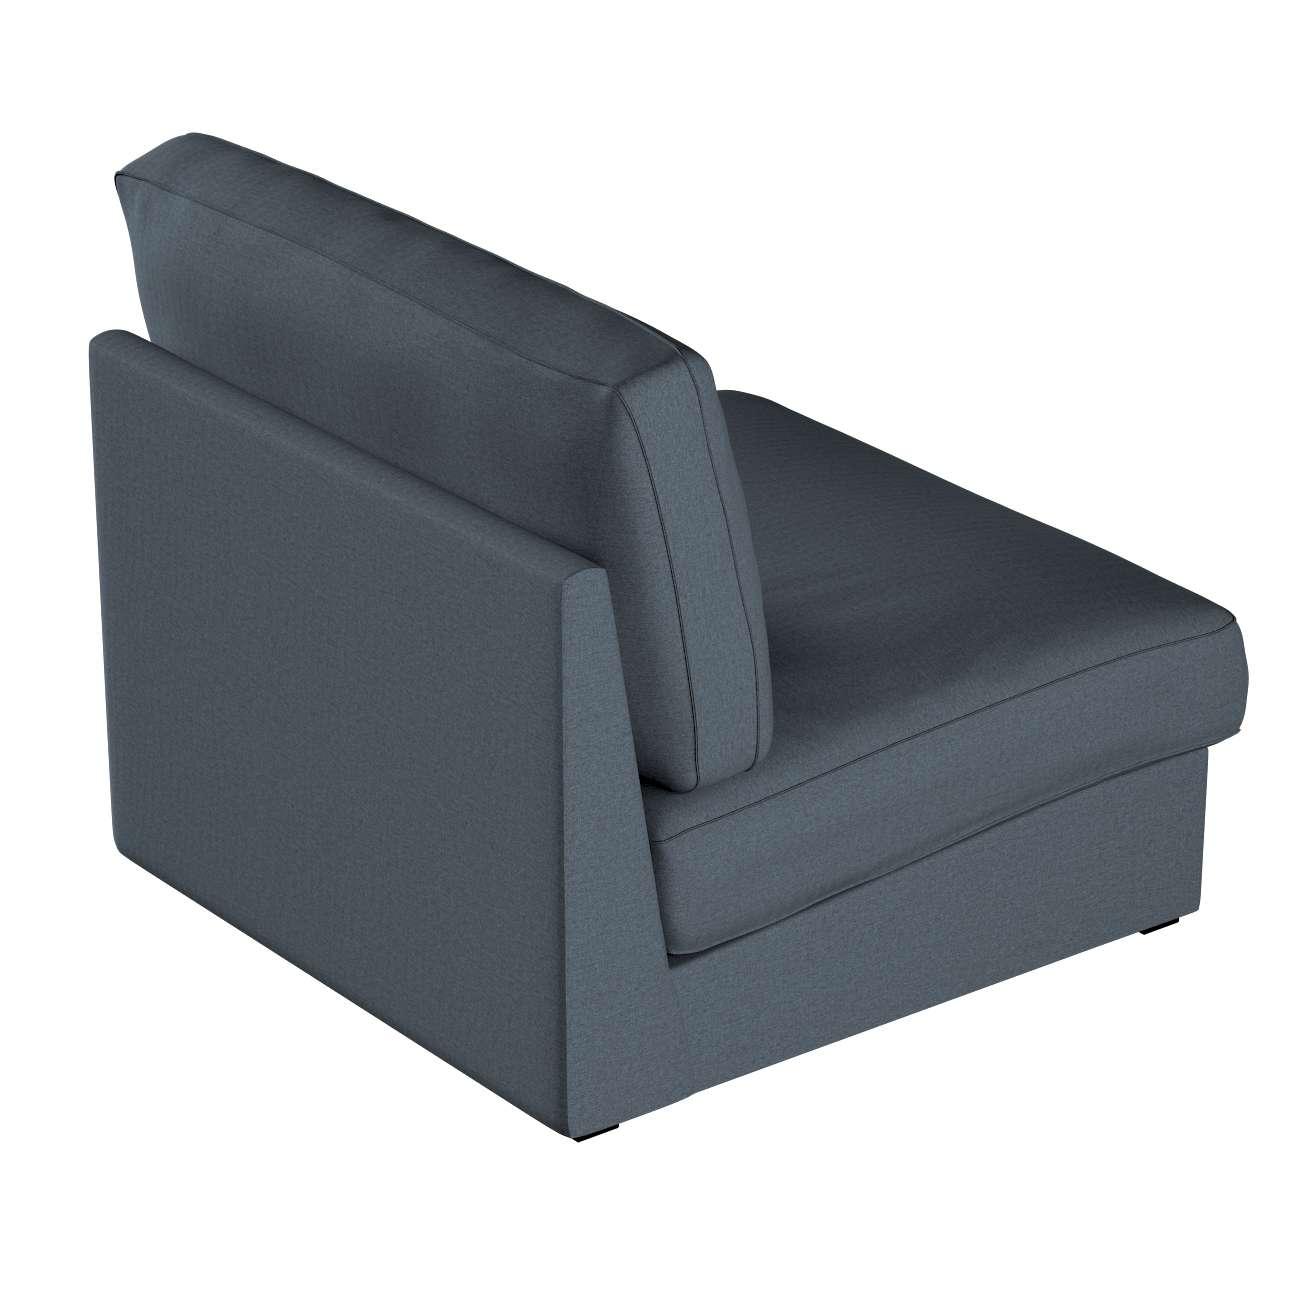 Kivik päällinen nojatuoli mallistosta Etna - ei verhoihin, Kangas: 705-30